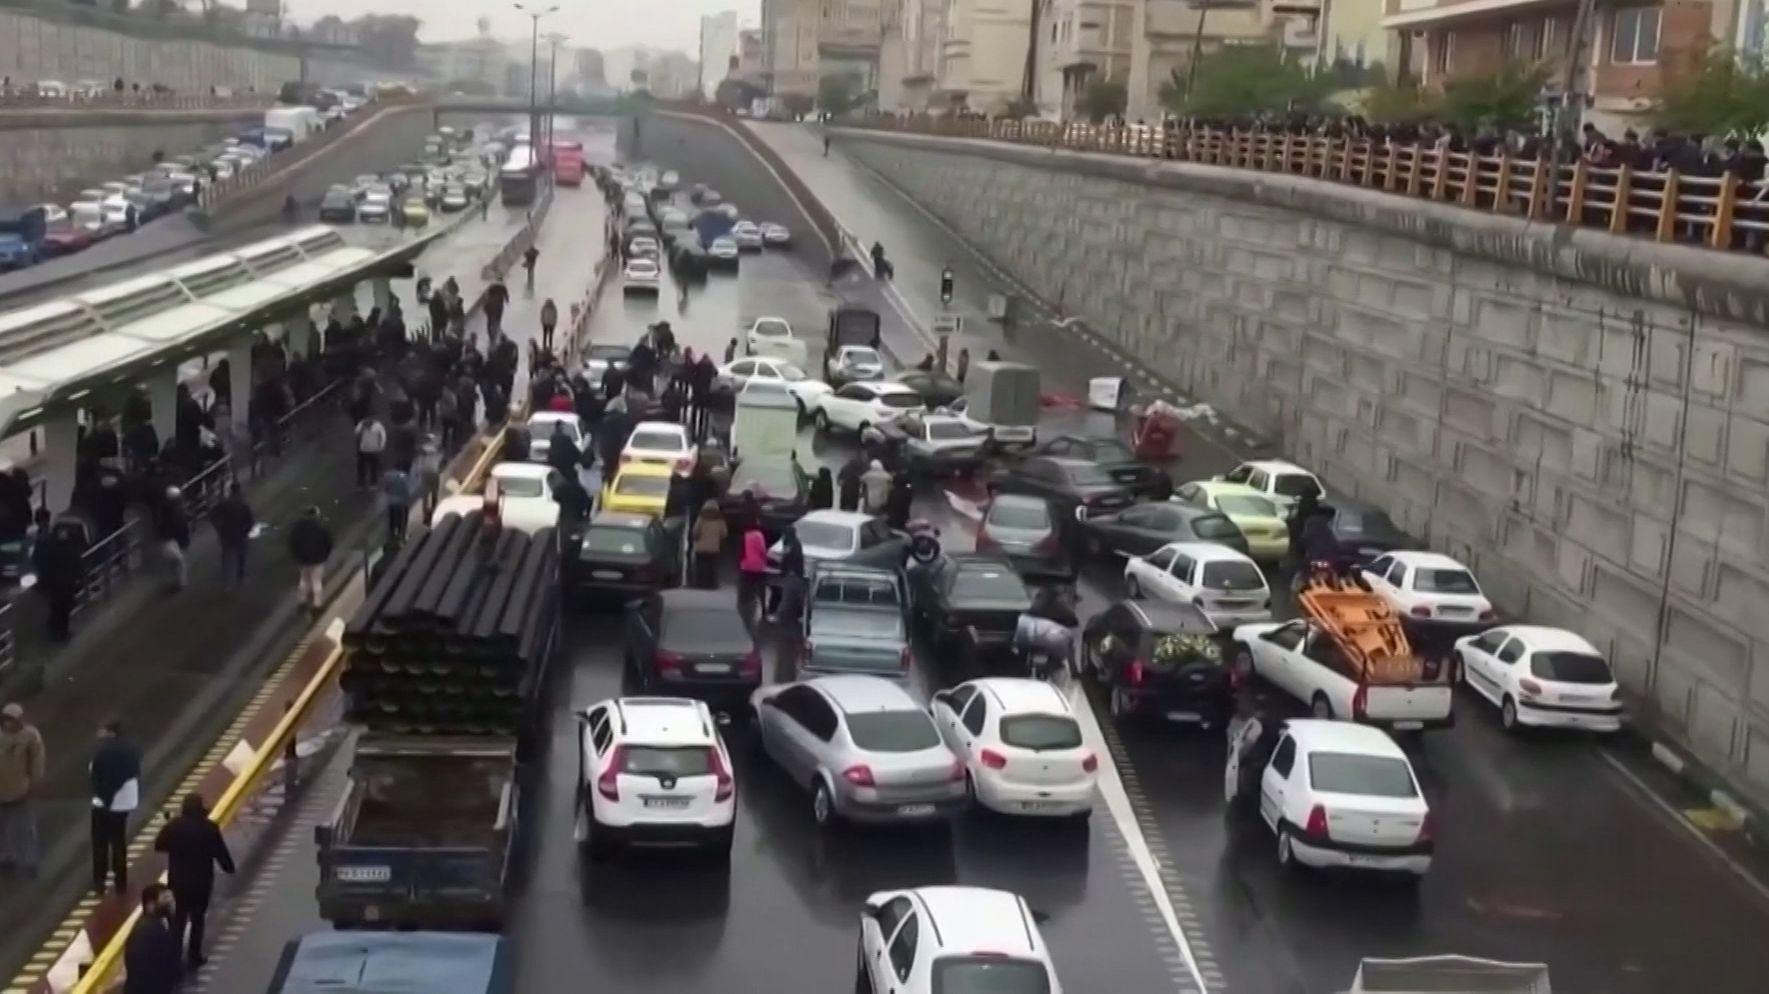 Ursache der Proteste: Die Erhöhung der Benzinpreise